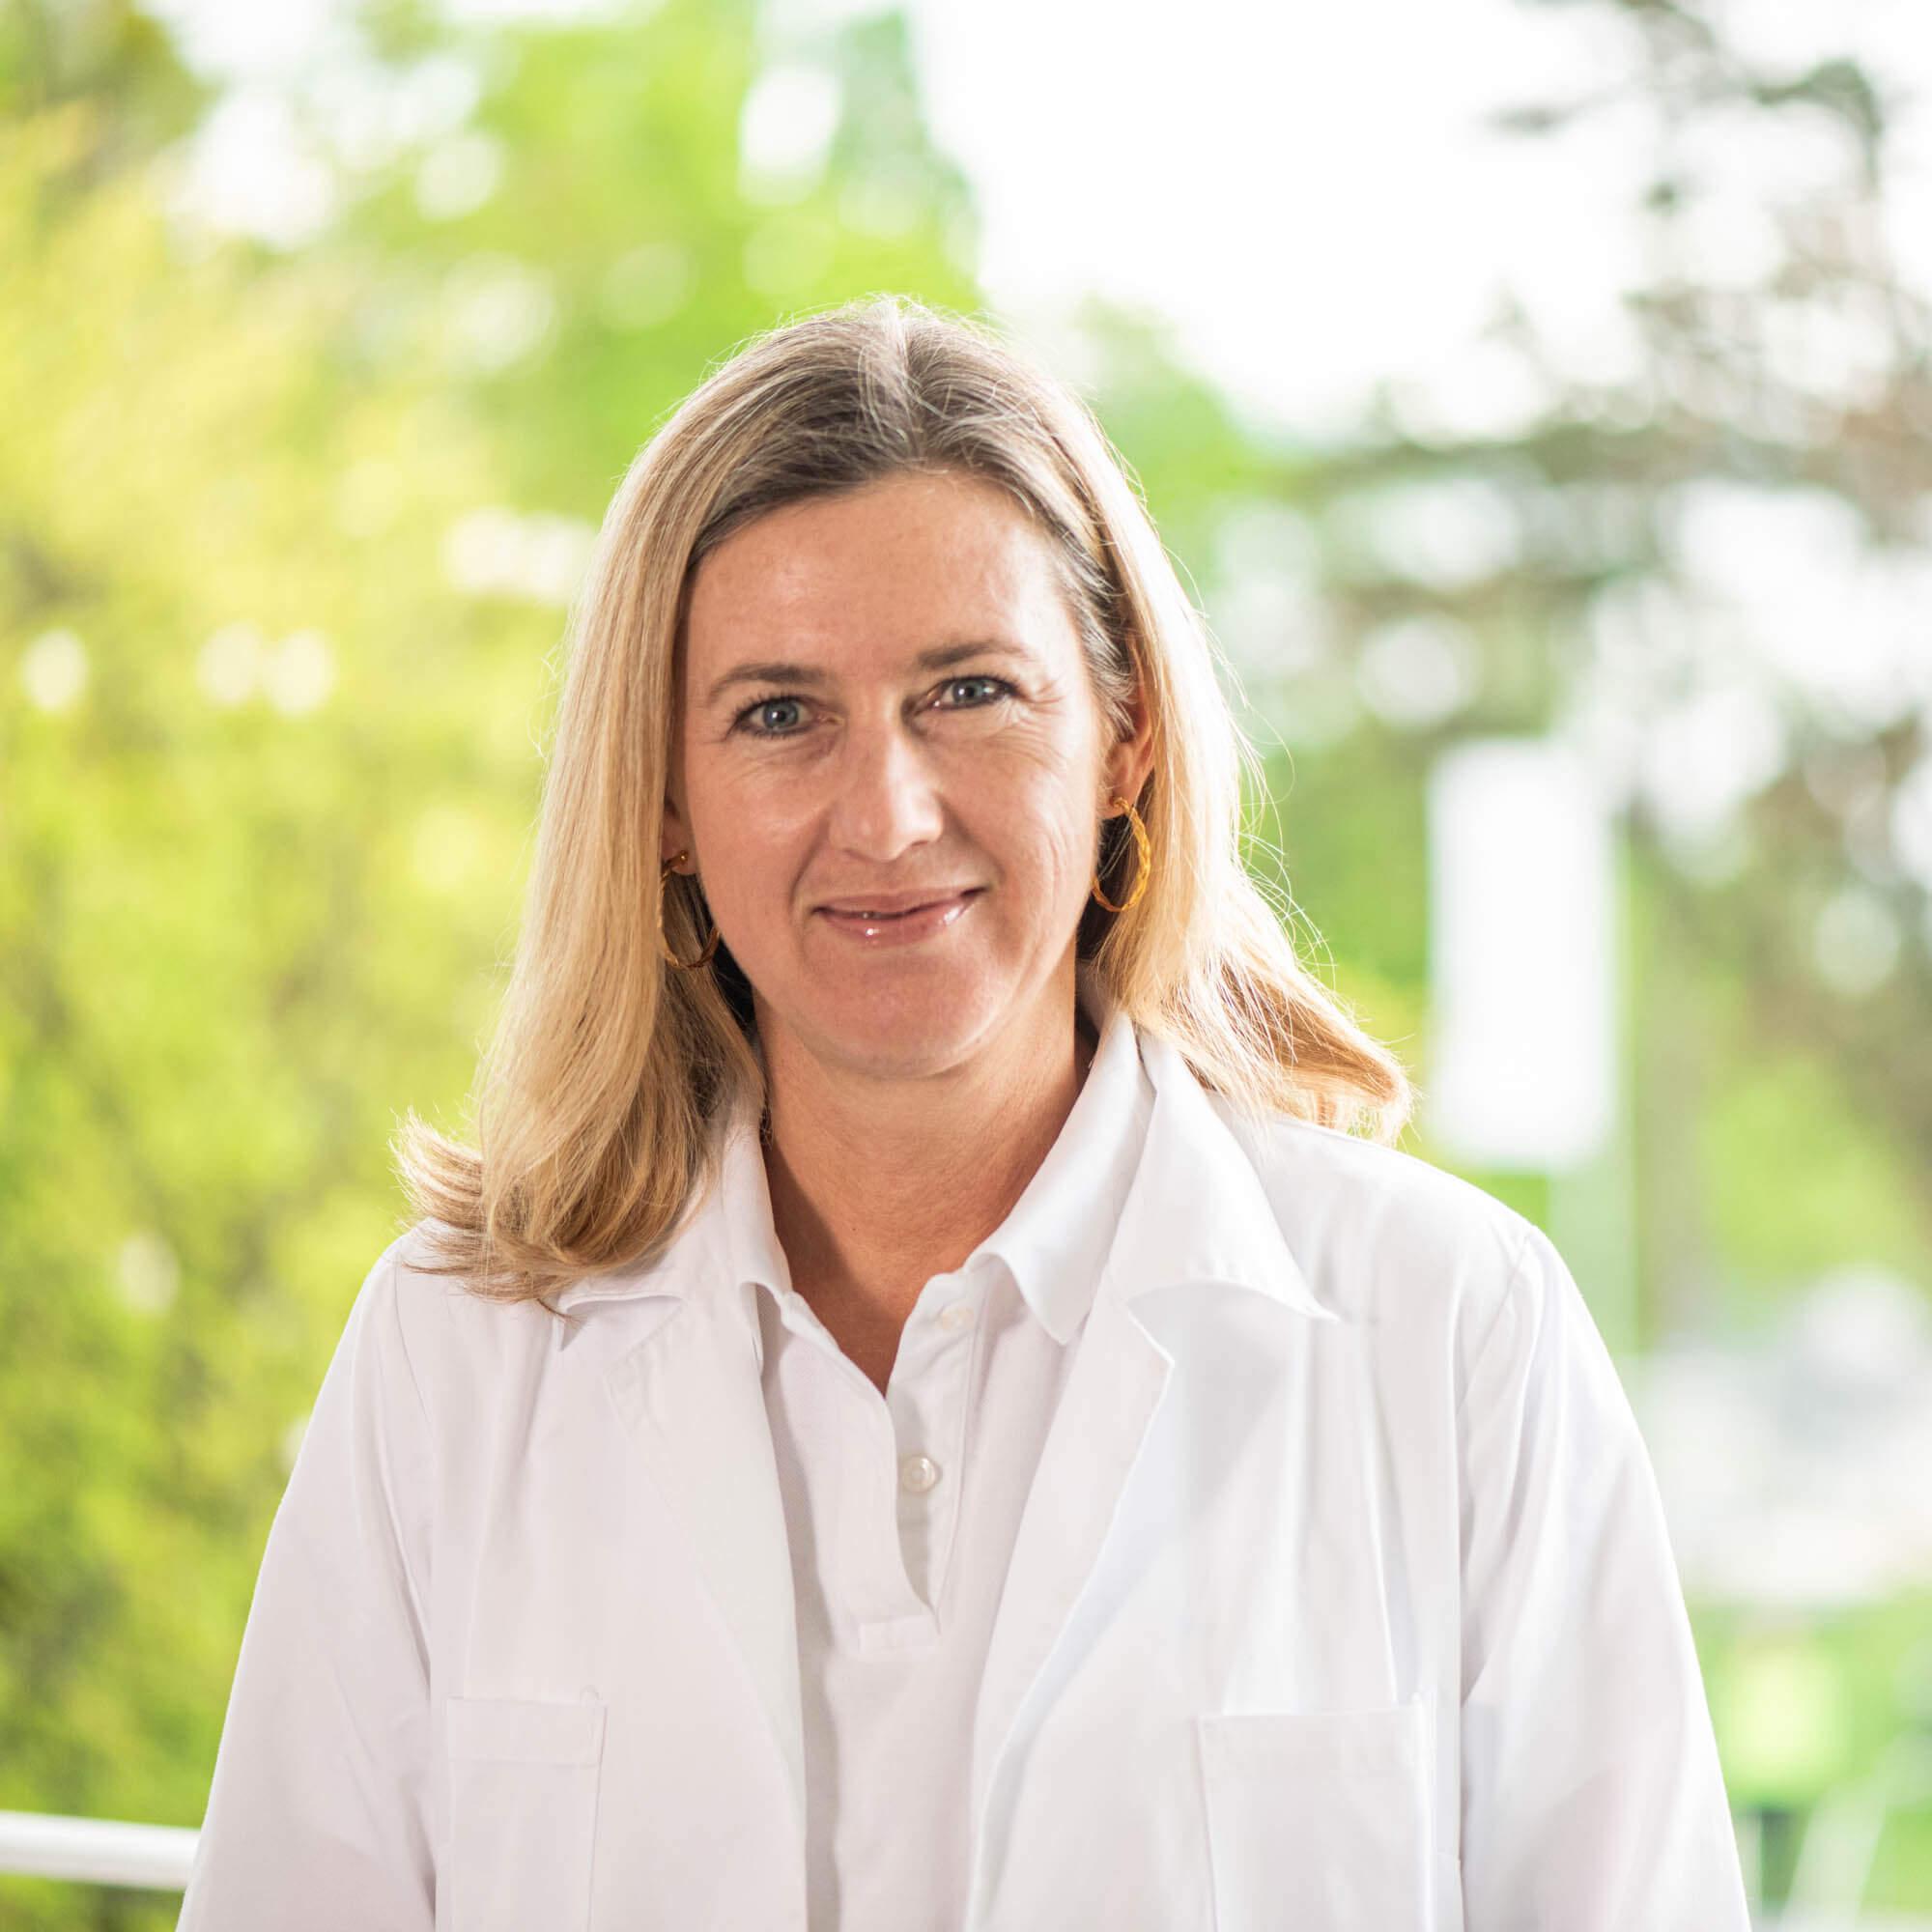 Dra. Andrea Siegler